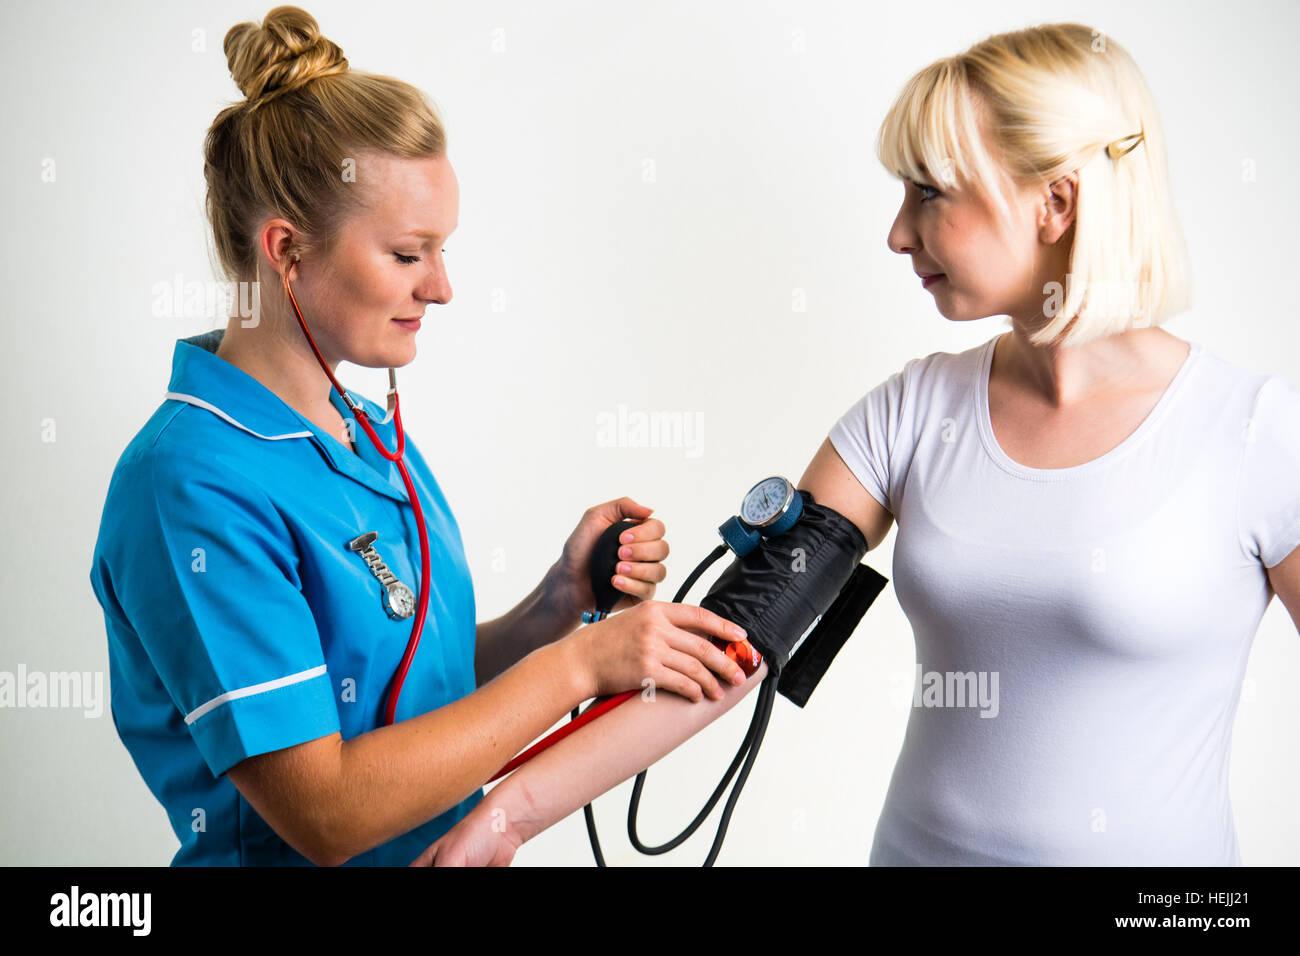 UK Health Care Professionals: A National Health Service (NHS) Frau Krankenschwester, die ein Patient Blutdruckmessung Stockbild